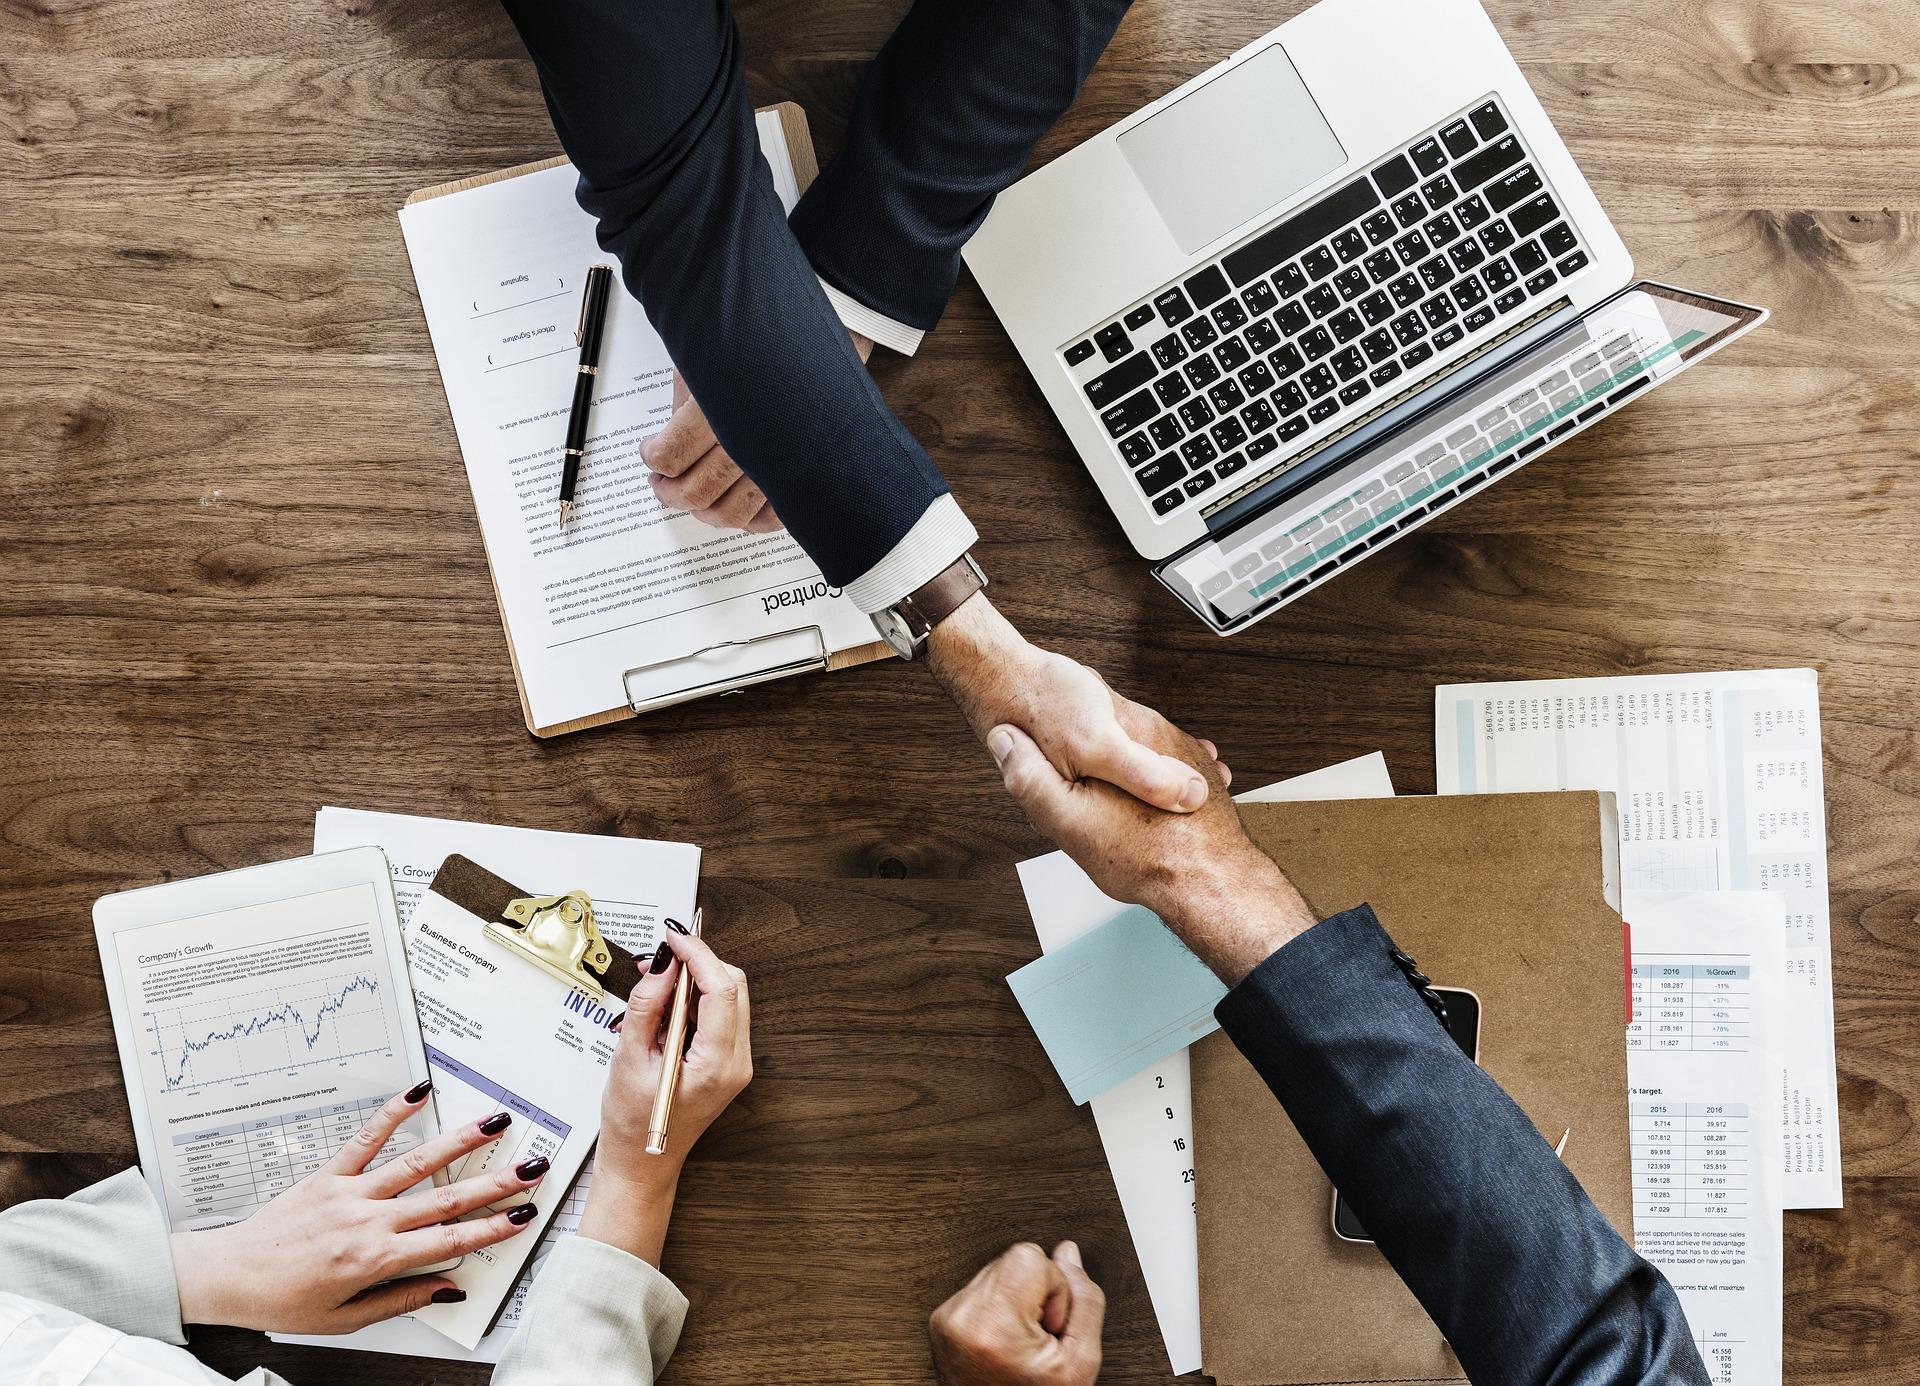 サラリーマンが会社設立!節税と信用のメリットと負担増のデメリット